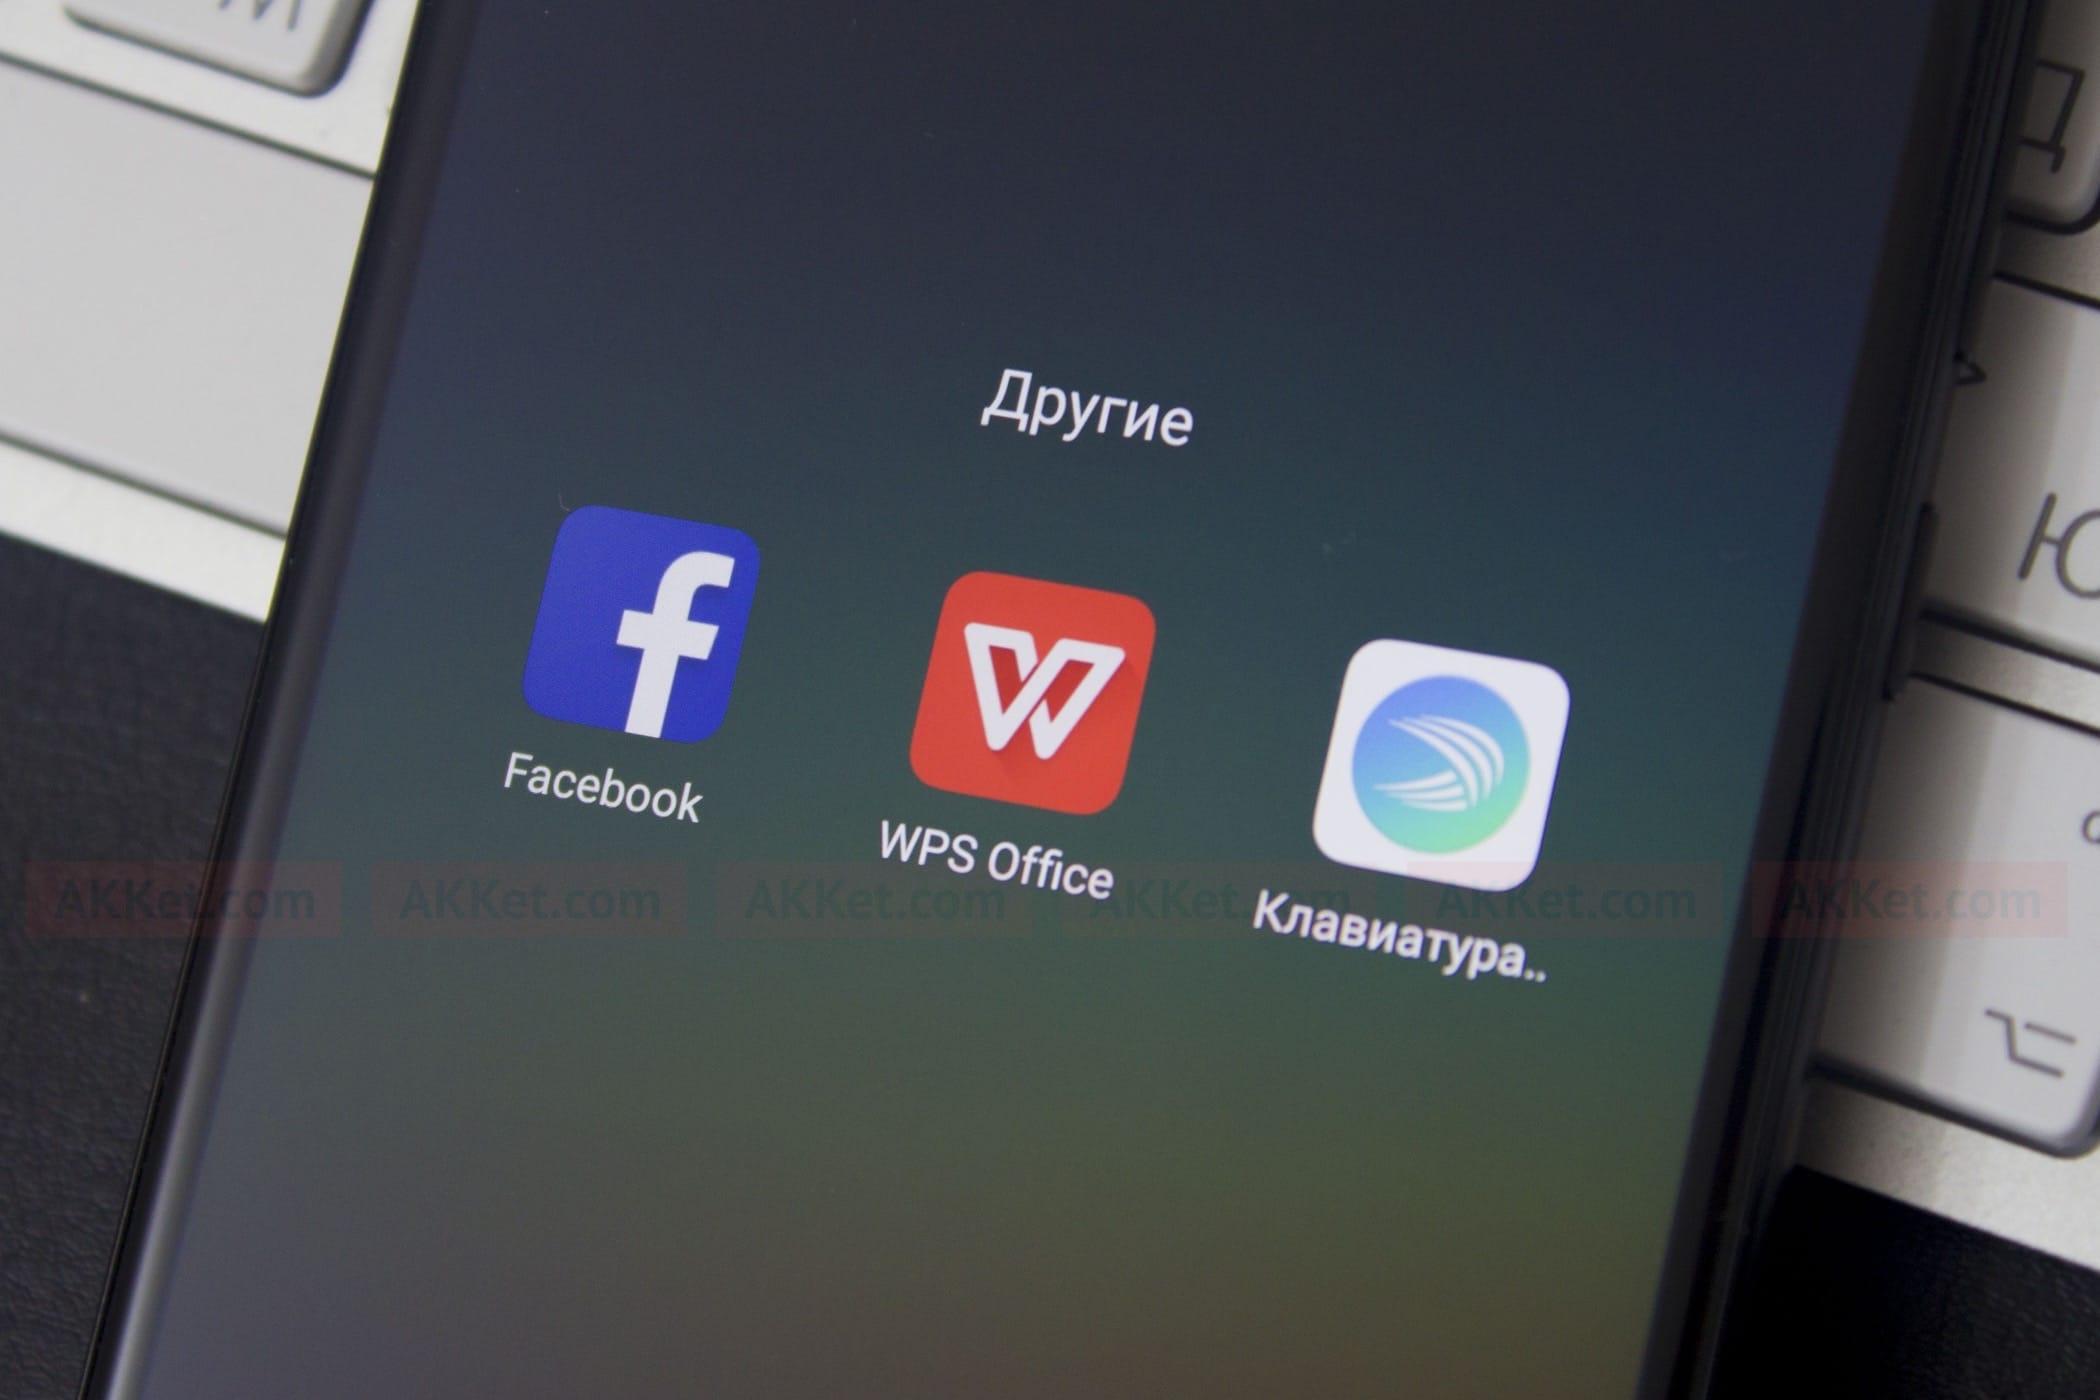 Хакеры смогли обойти систему защиты Play Store